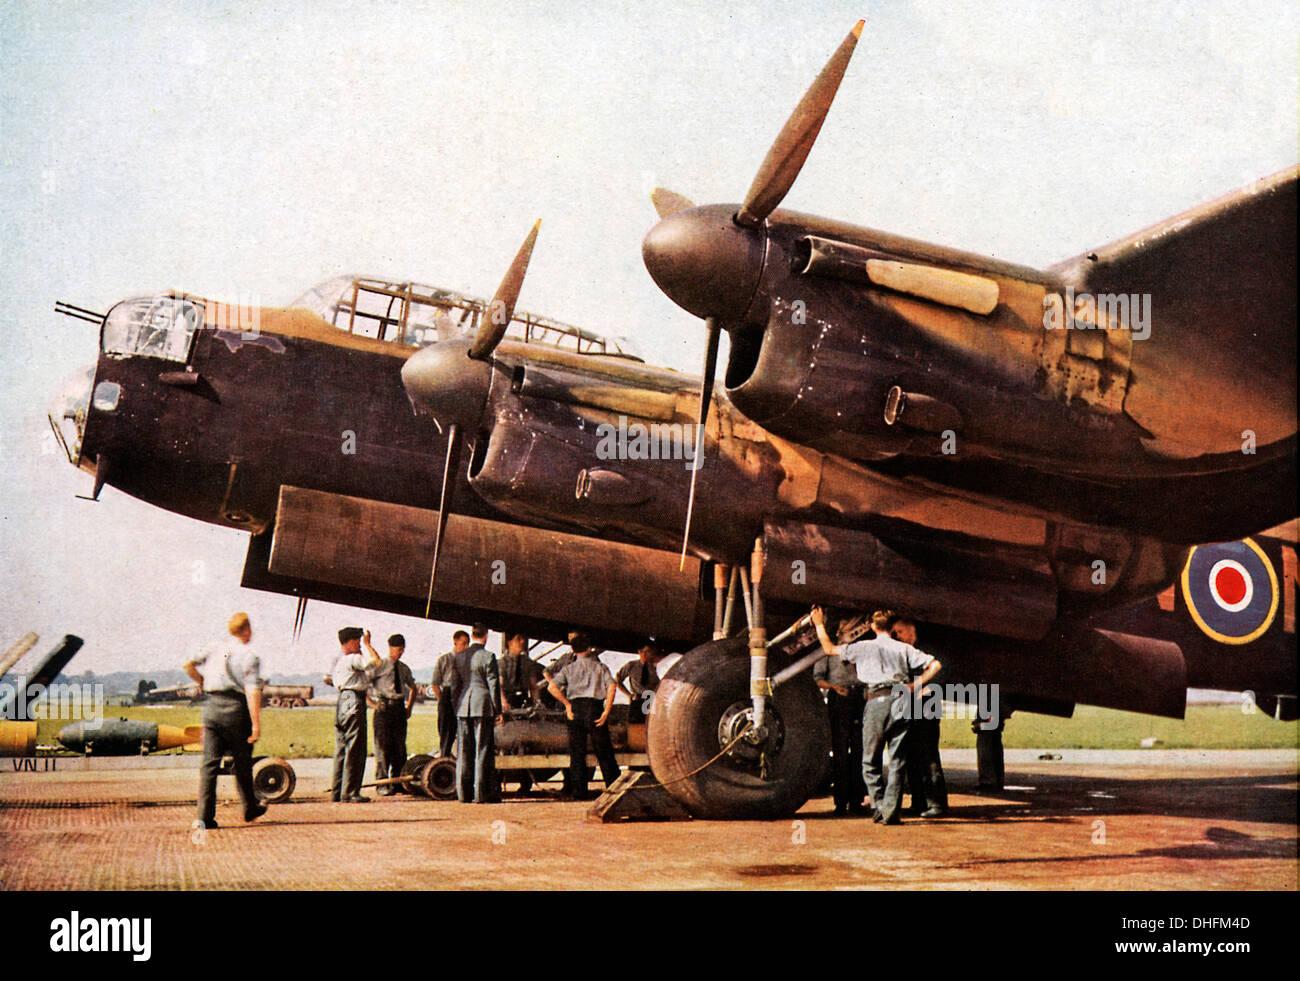 Chargement d'un bombardier Lancaster, 1942 photo couleur de l'emblématique des bombardiers lourds de Photo Stock